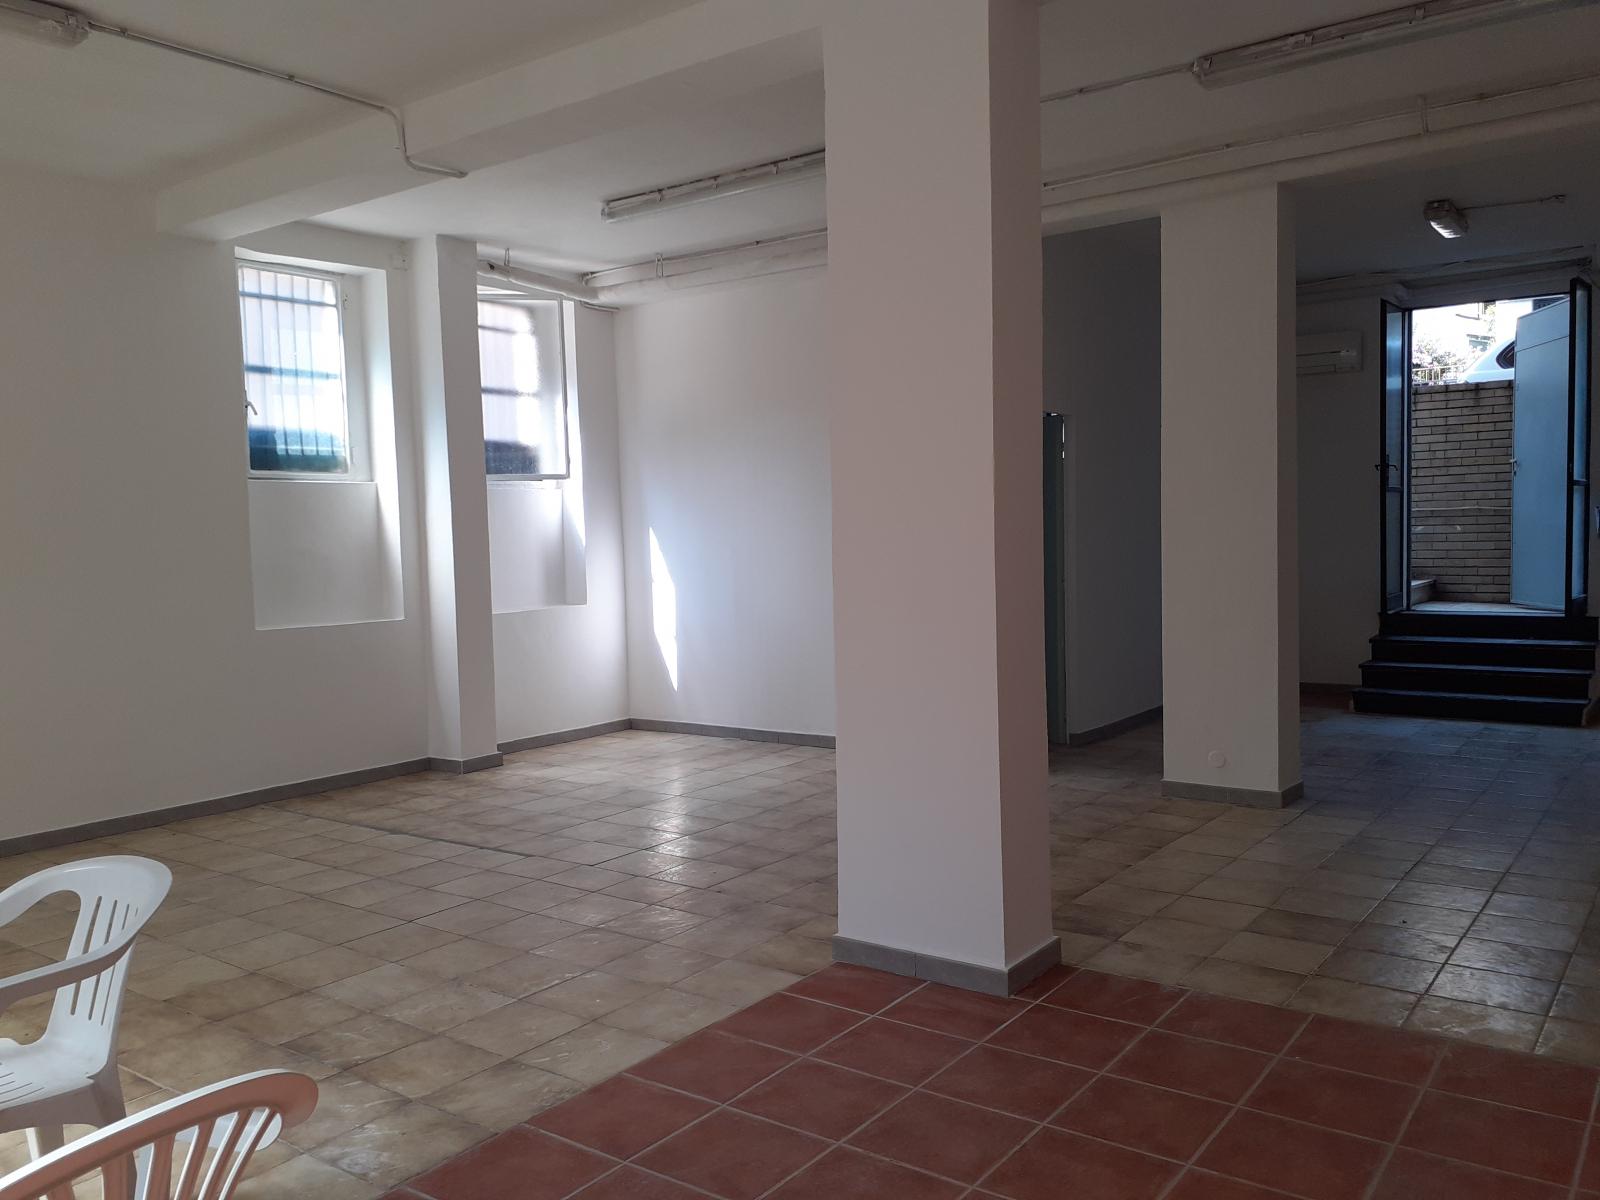 laboratorio-magazzino-in-vendita-affitto-a-baggio-milano-spaziourbano-immobiliare-vende-affitta-5